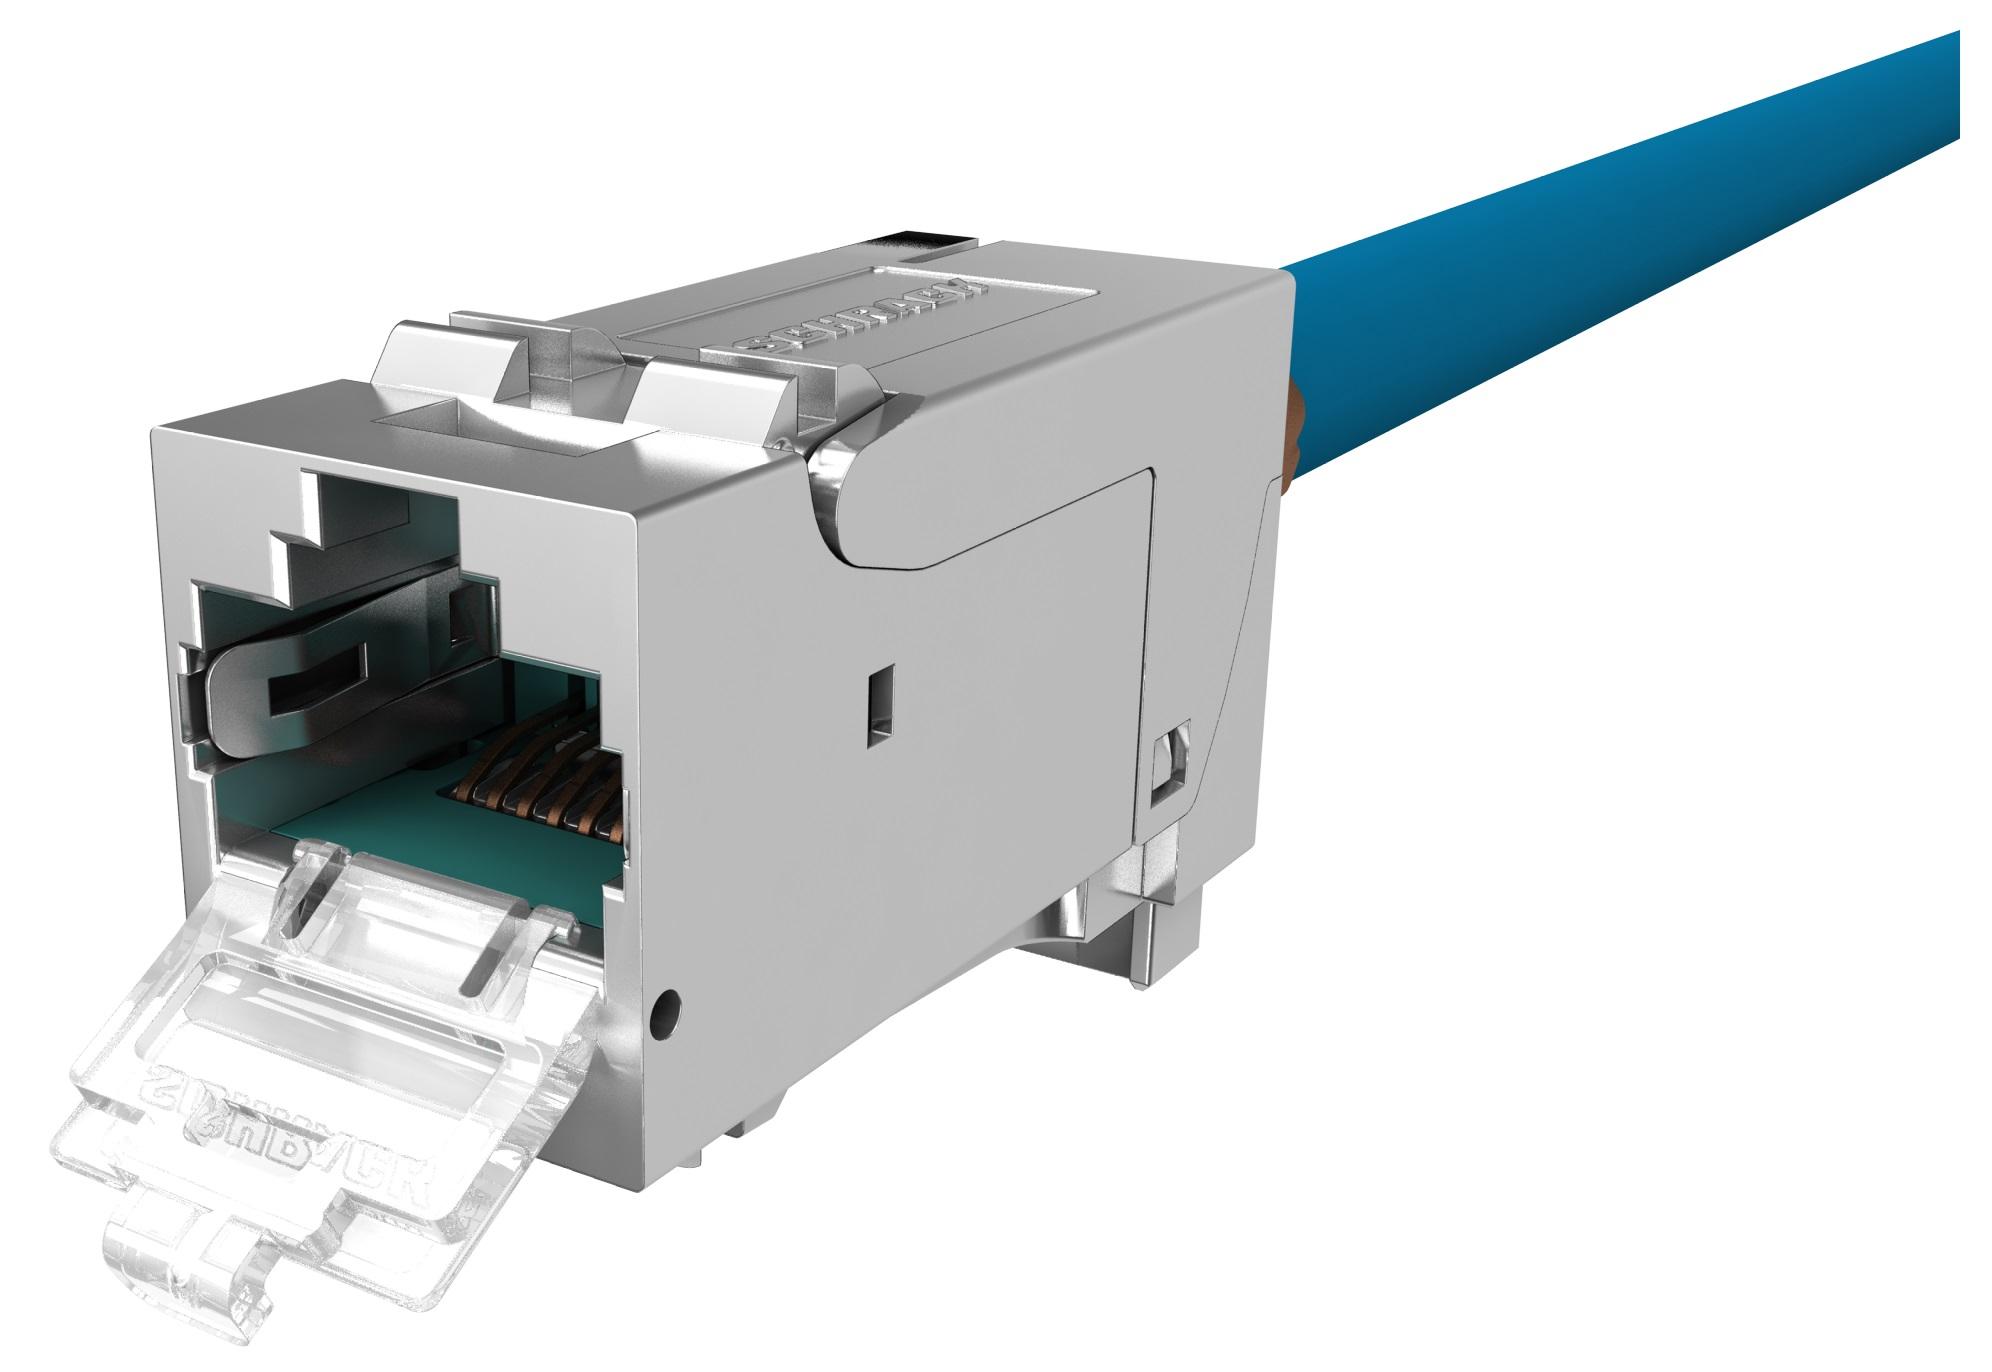 1 Stk PERFORMANCE LINE Buchse RJ45 geschirmt Cat.6a 10GB PoE+ HSPMRJ6G1A